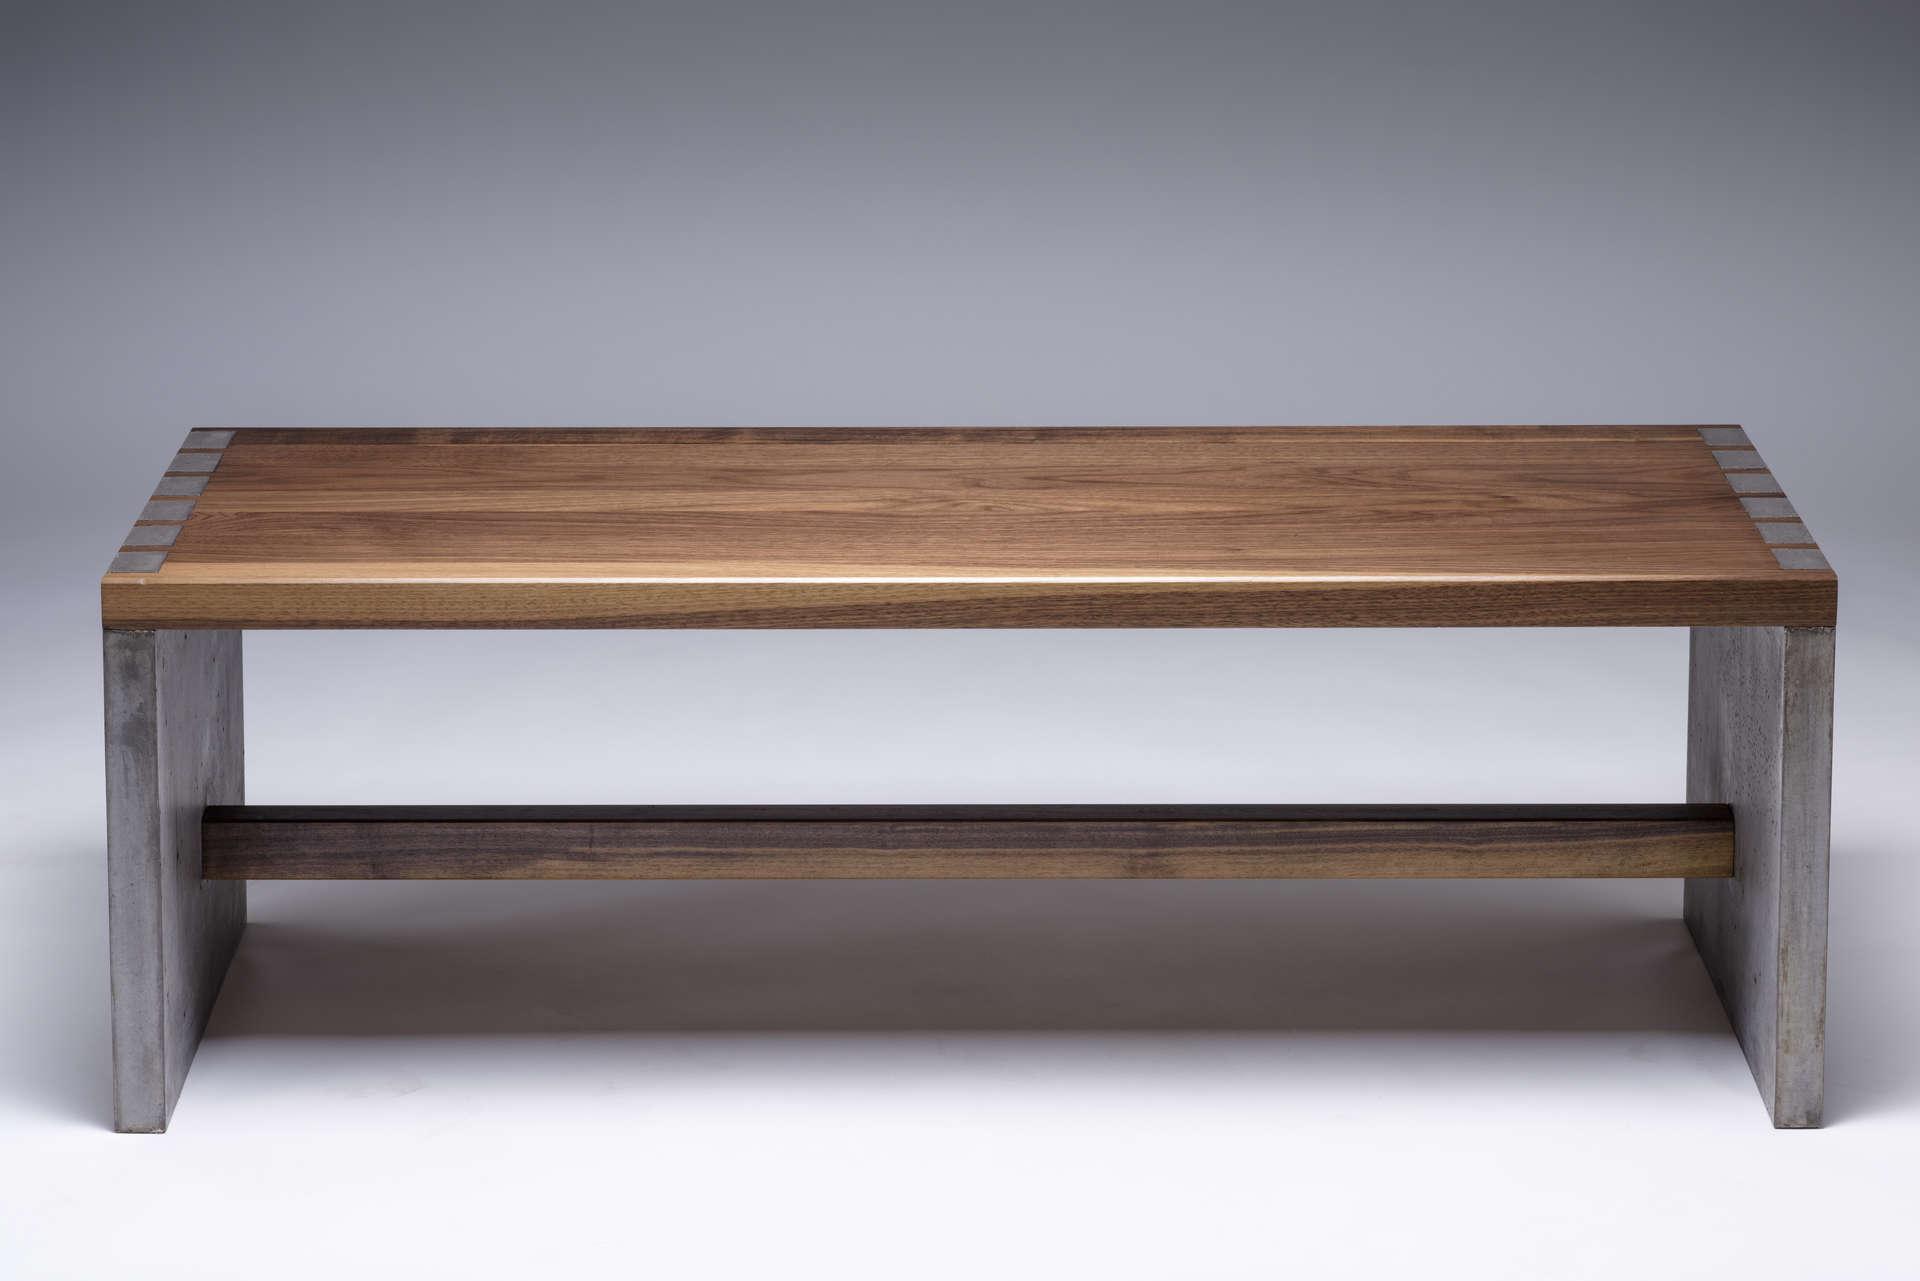 Vorderansicht der Sitzbank. Sitzfläche aus geöltem Nussholz. Seitenteile aus Beton.